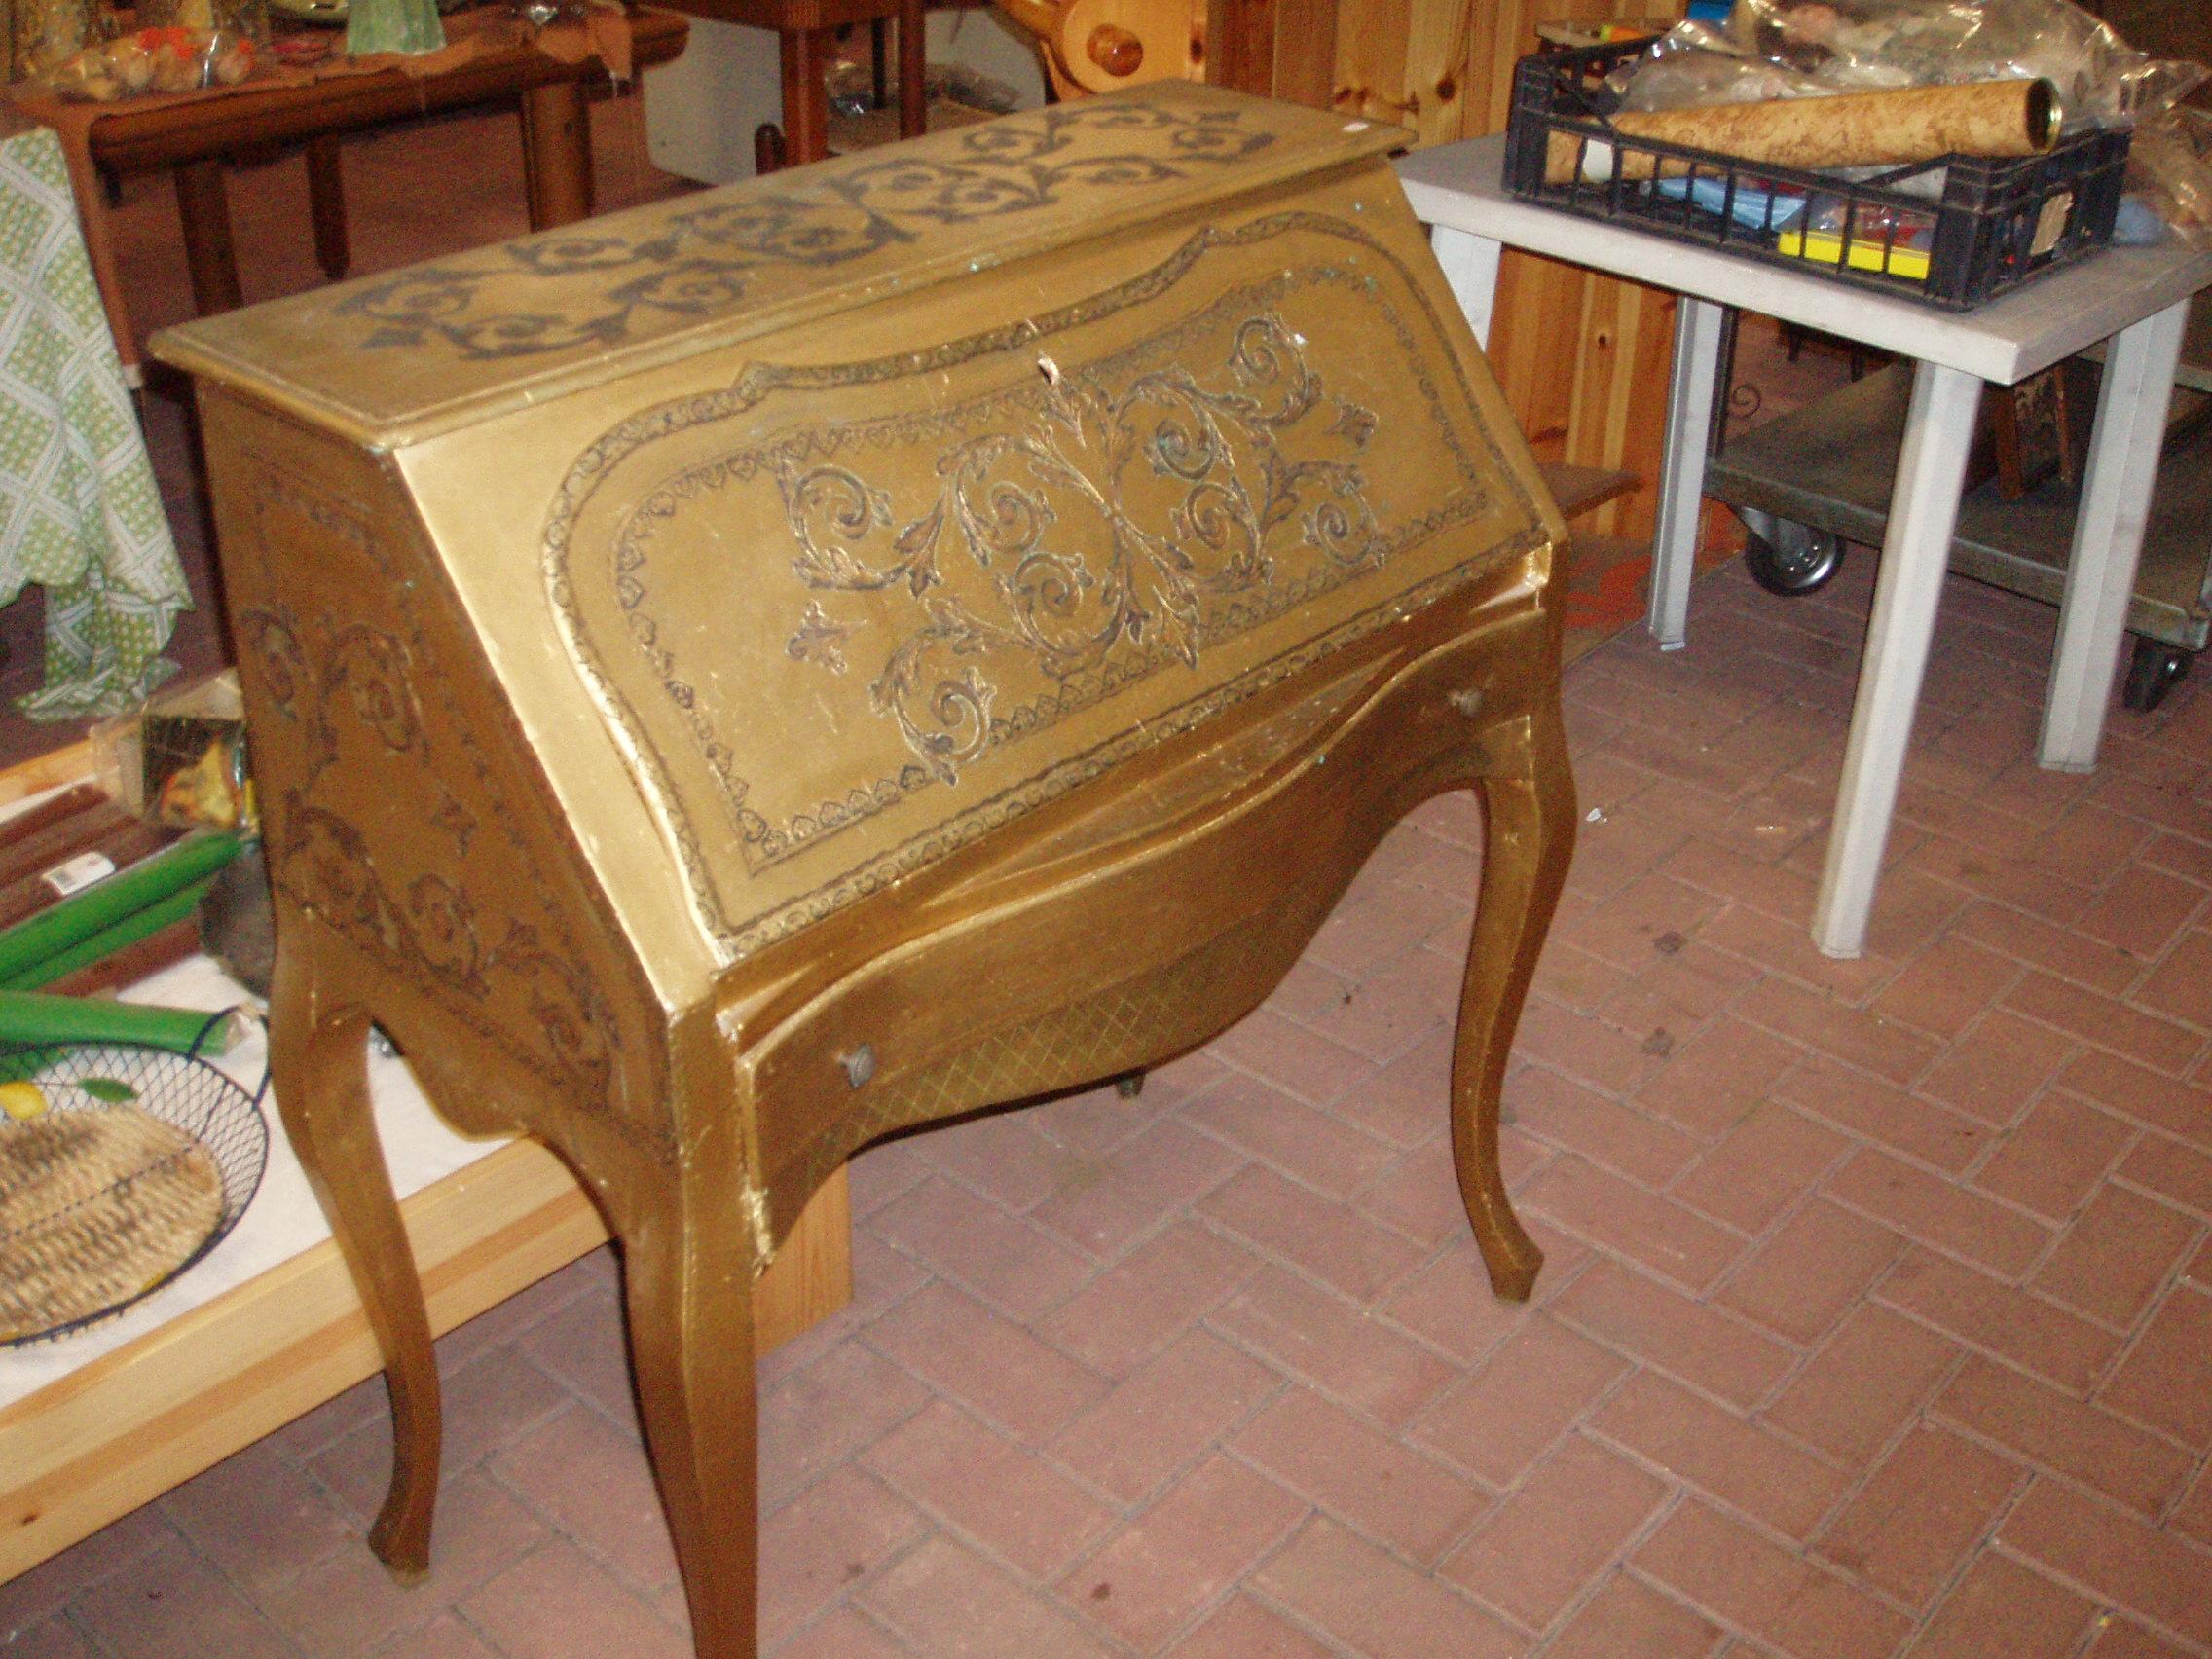 Da salotto tavolini antichi mobili usati antichimobili usati.stile veneziano. Scrittoio In Stile Veneziano Antico Il Tendone Solidale Mercatino Dell Usato